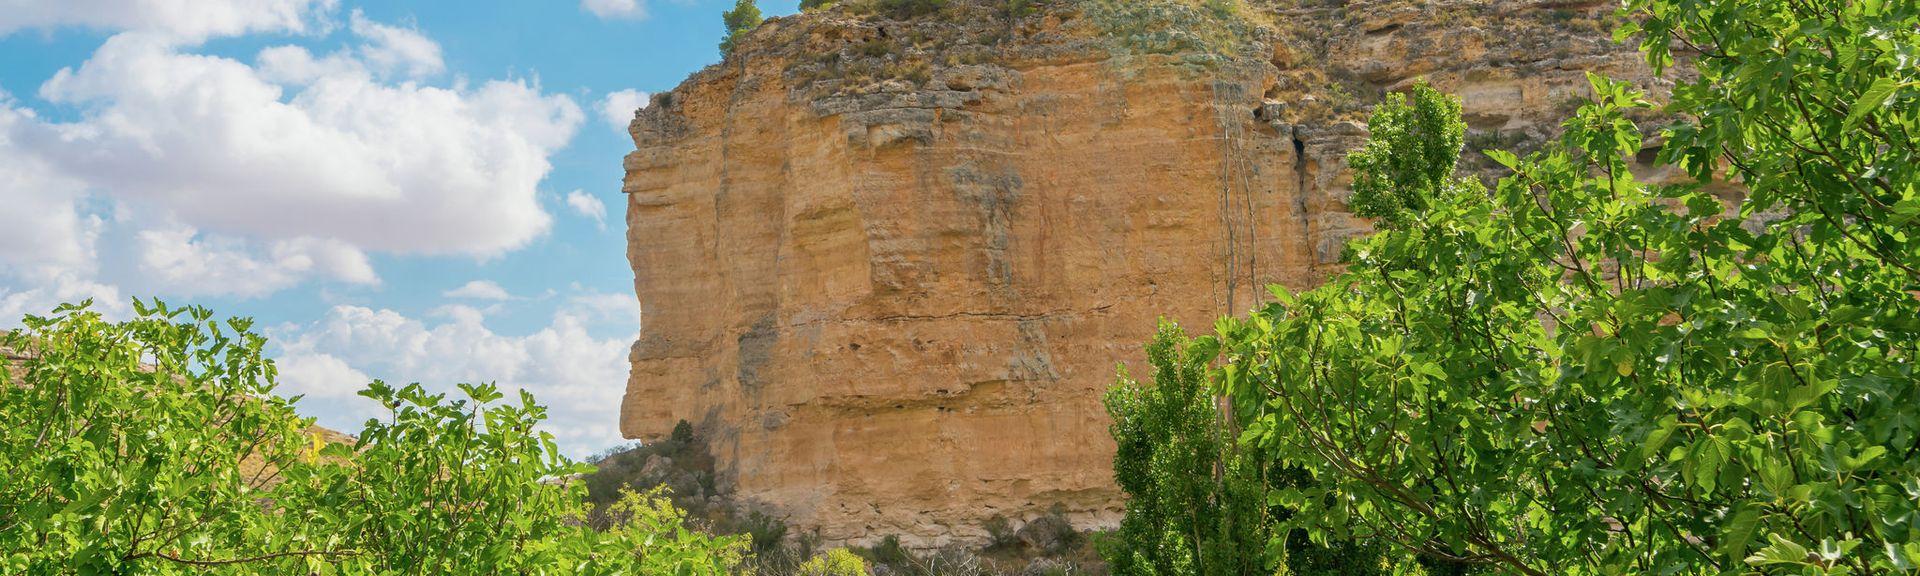 Chinchilla de Monte-Aragón, Castilla-La Mancha, España